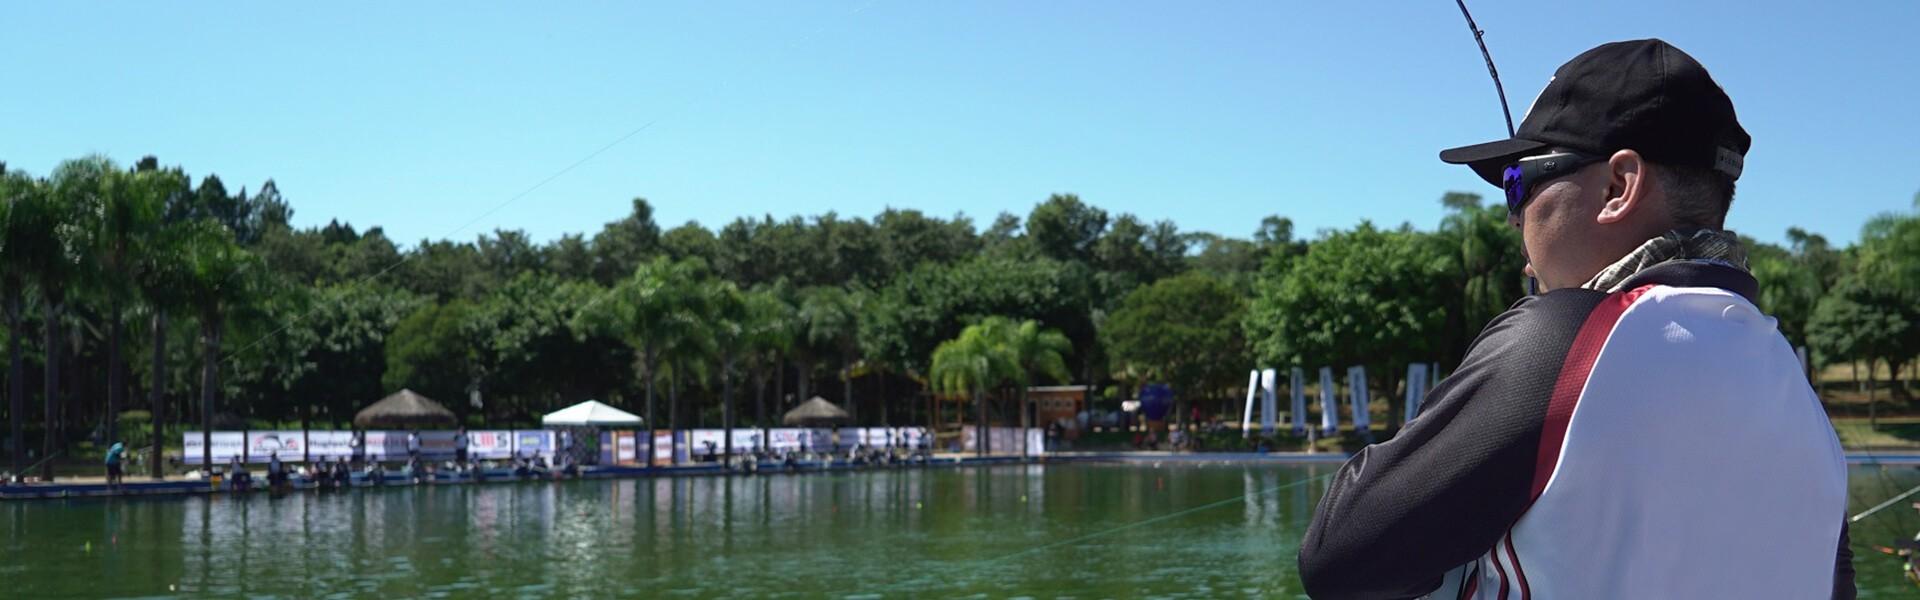 Campeonato Brasileiro em Pesqueiros: Itu recebe mais duas etapas paulistas do CBP